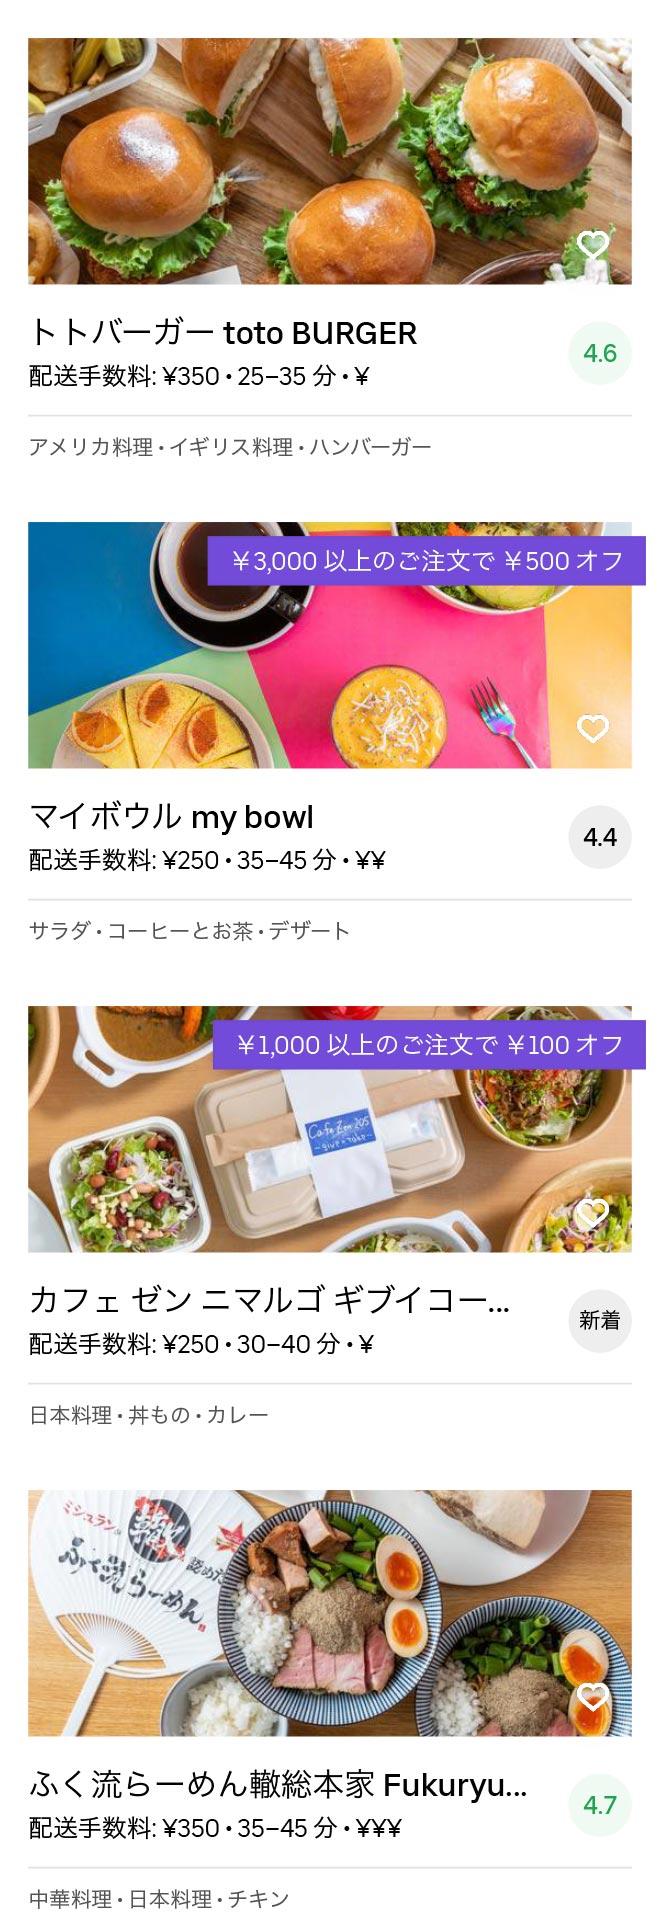 Higashi osaka fuse menu 2005 05